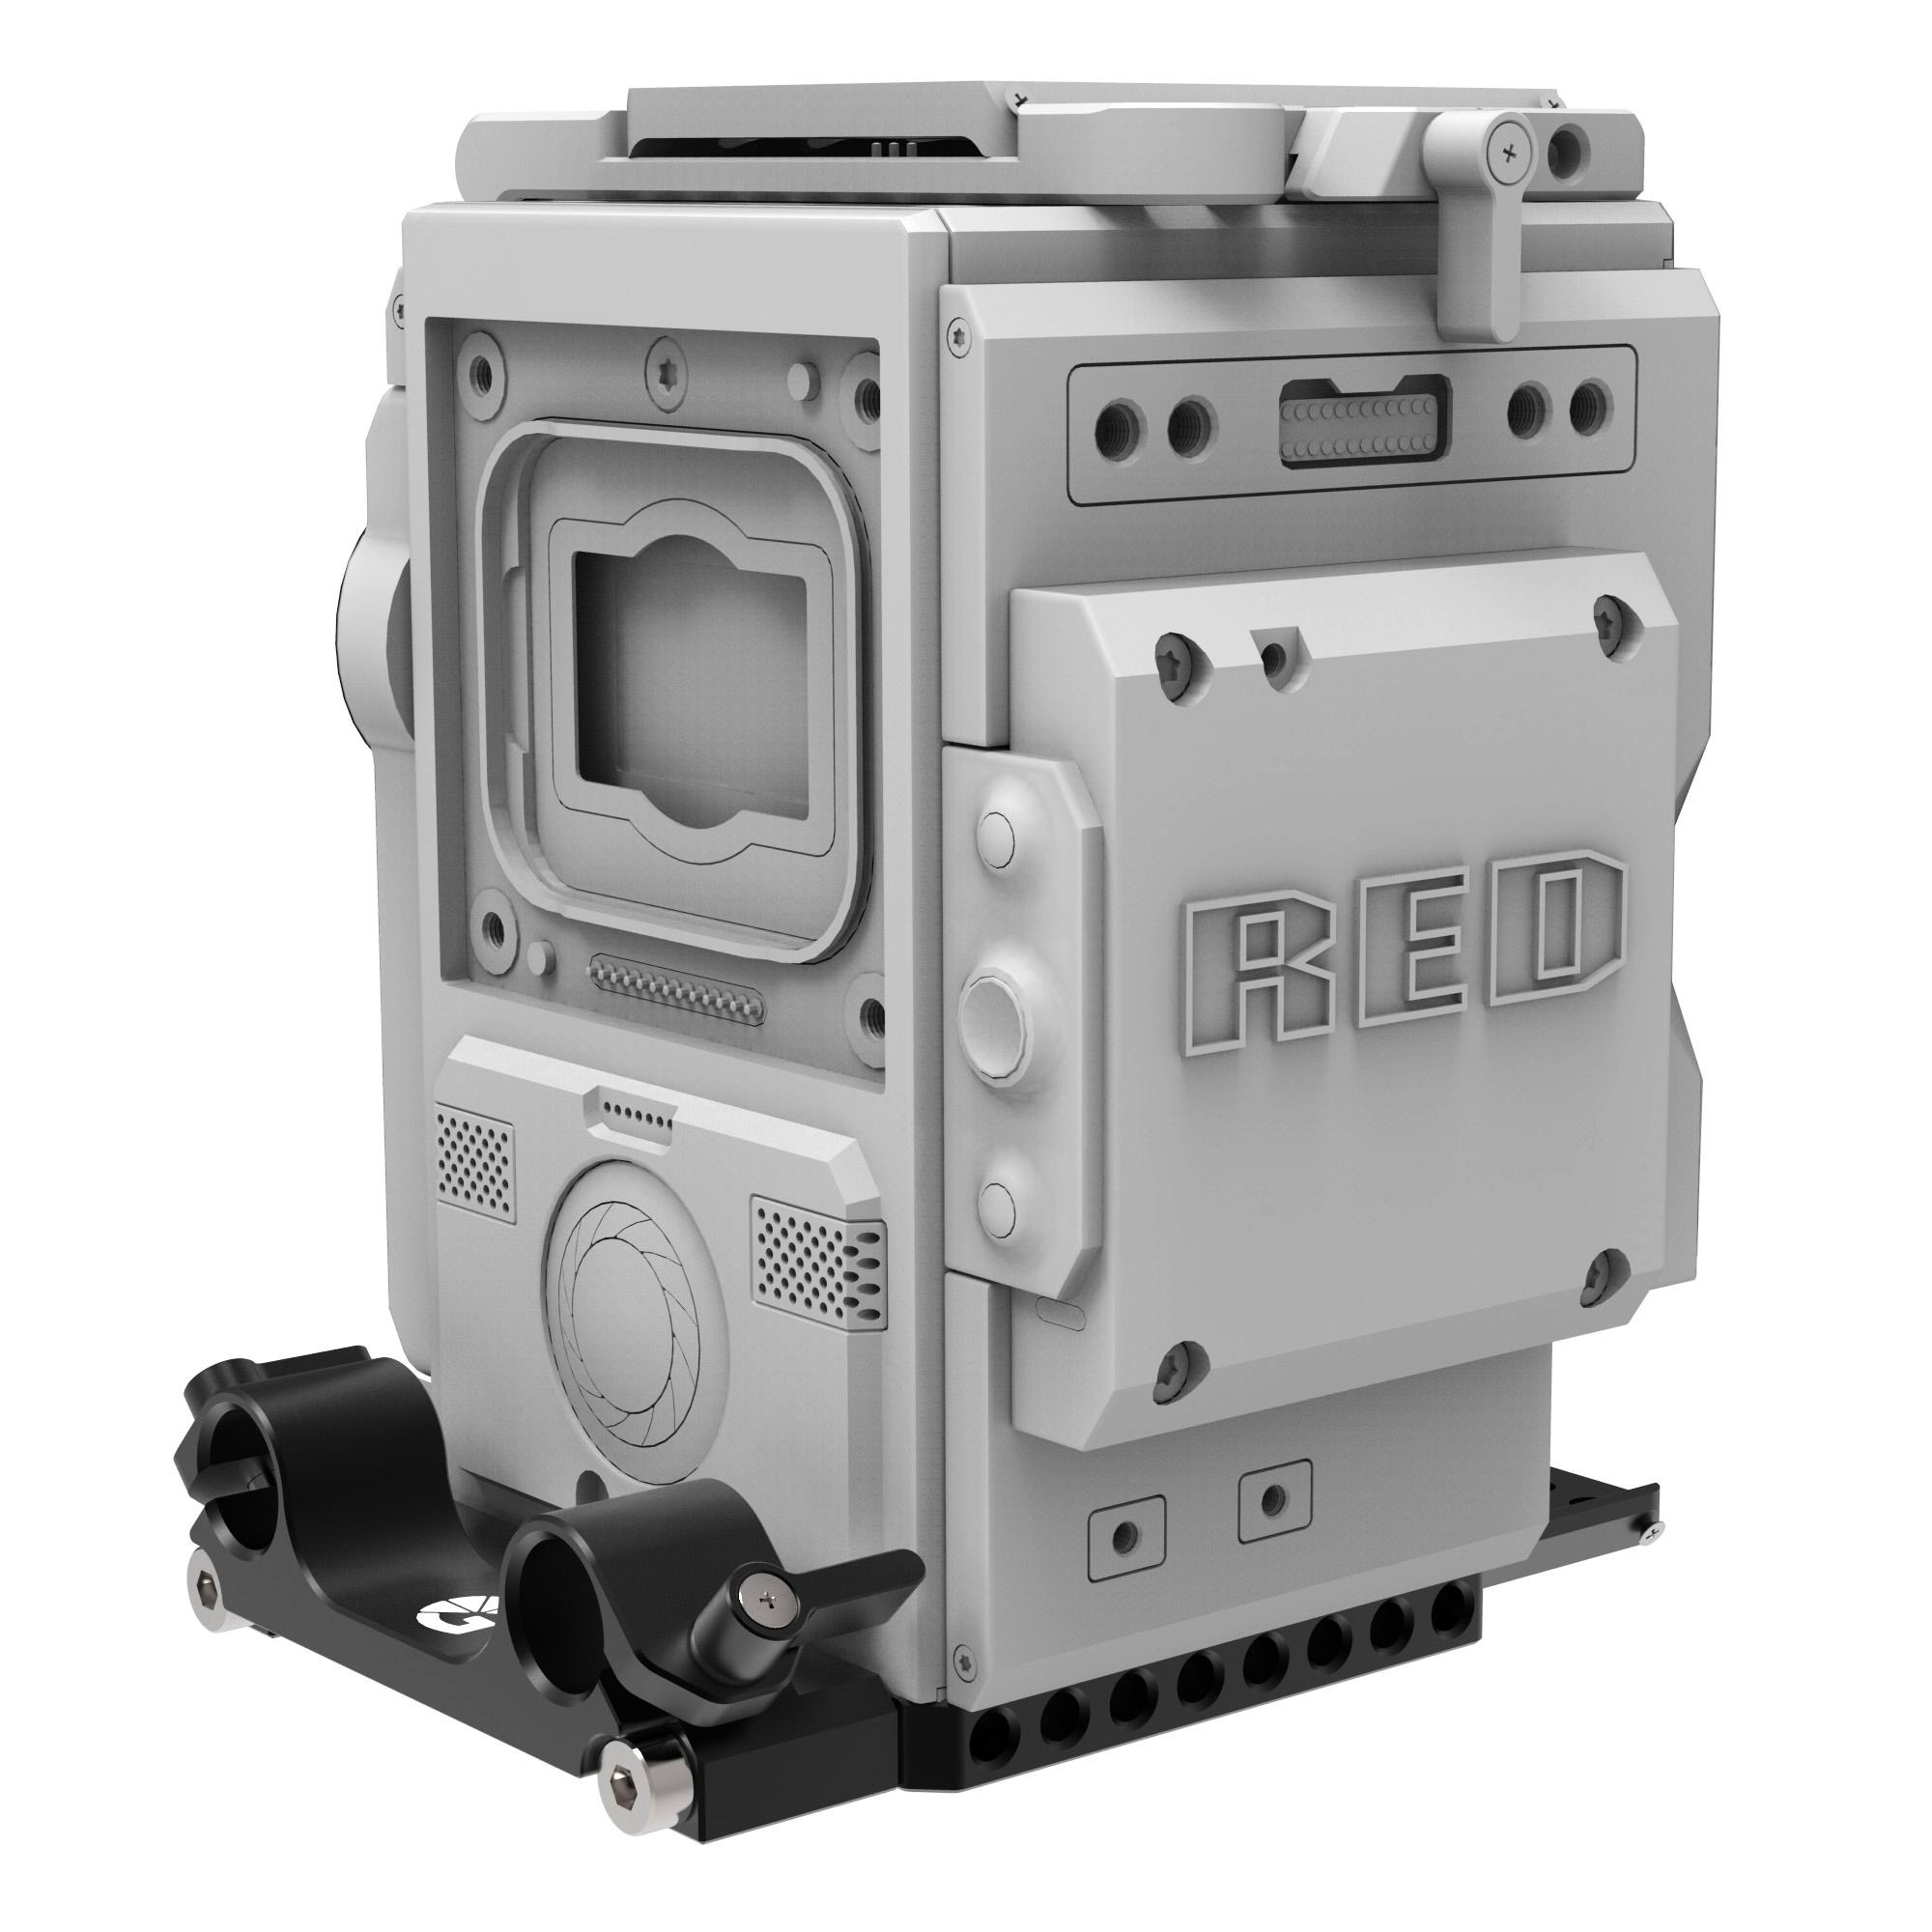 B4002 0002 Left Field 15mm Baseplate for DSMC2 3 2